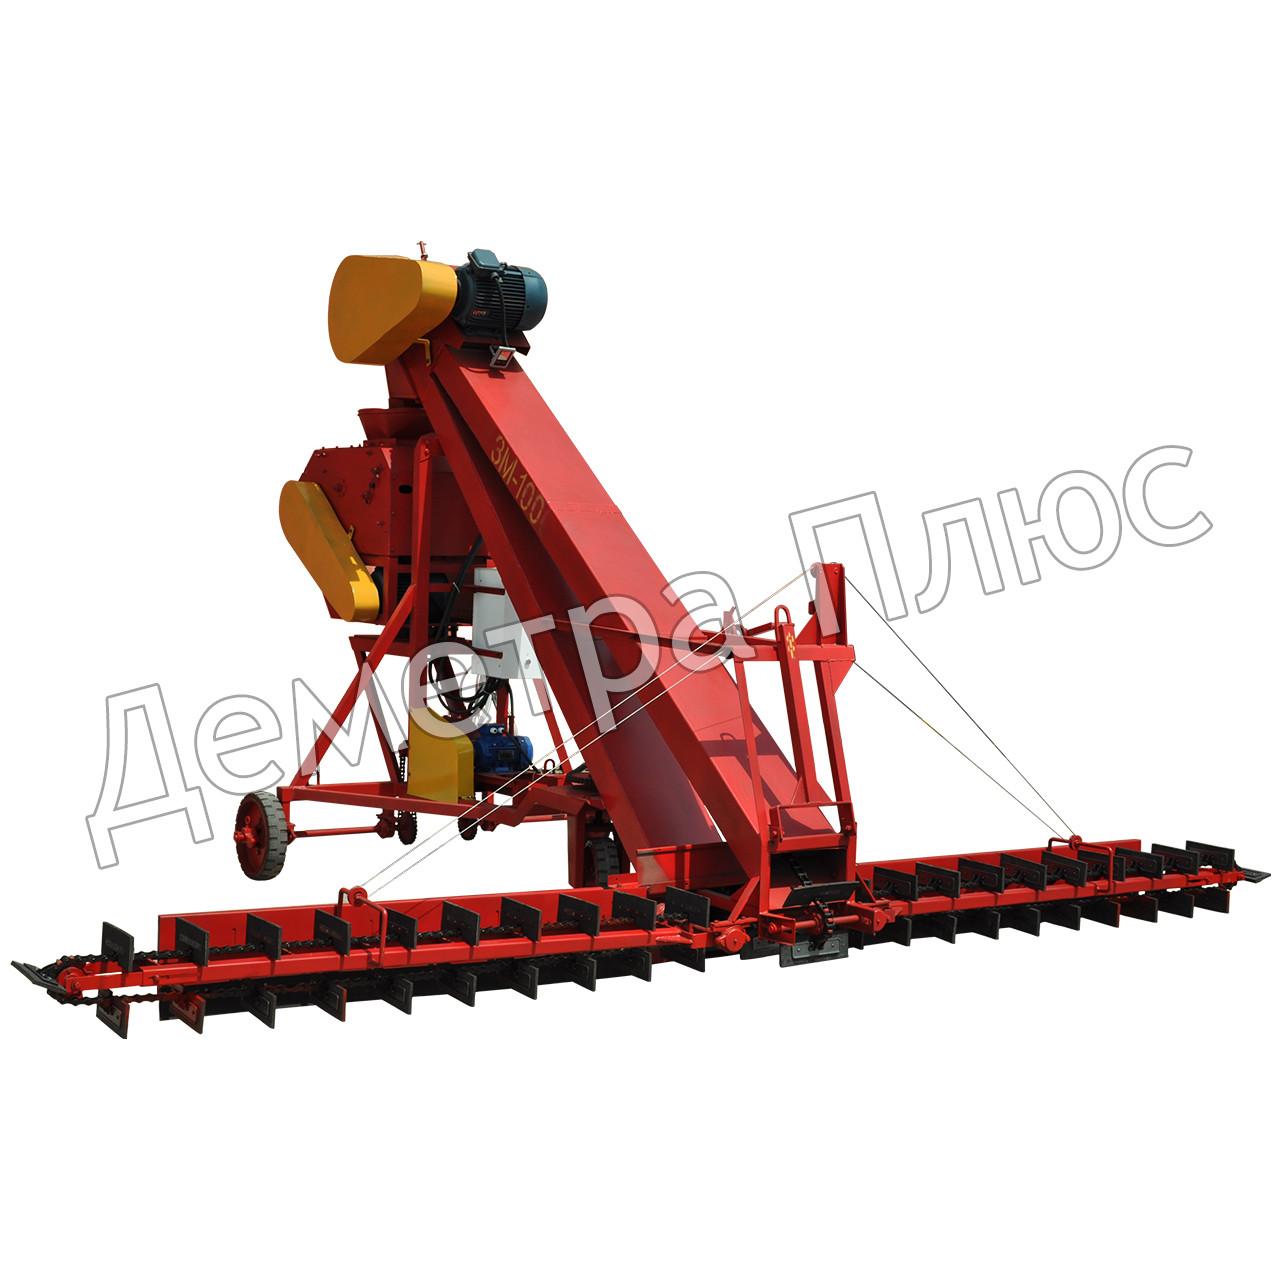 Зернометатель ЗМ-90 (купить зернометатель ЗМ-60, зернометатели зм-60а, зернопогрузчик зм 60)